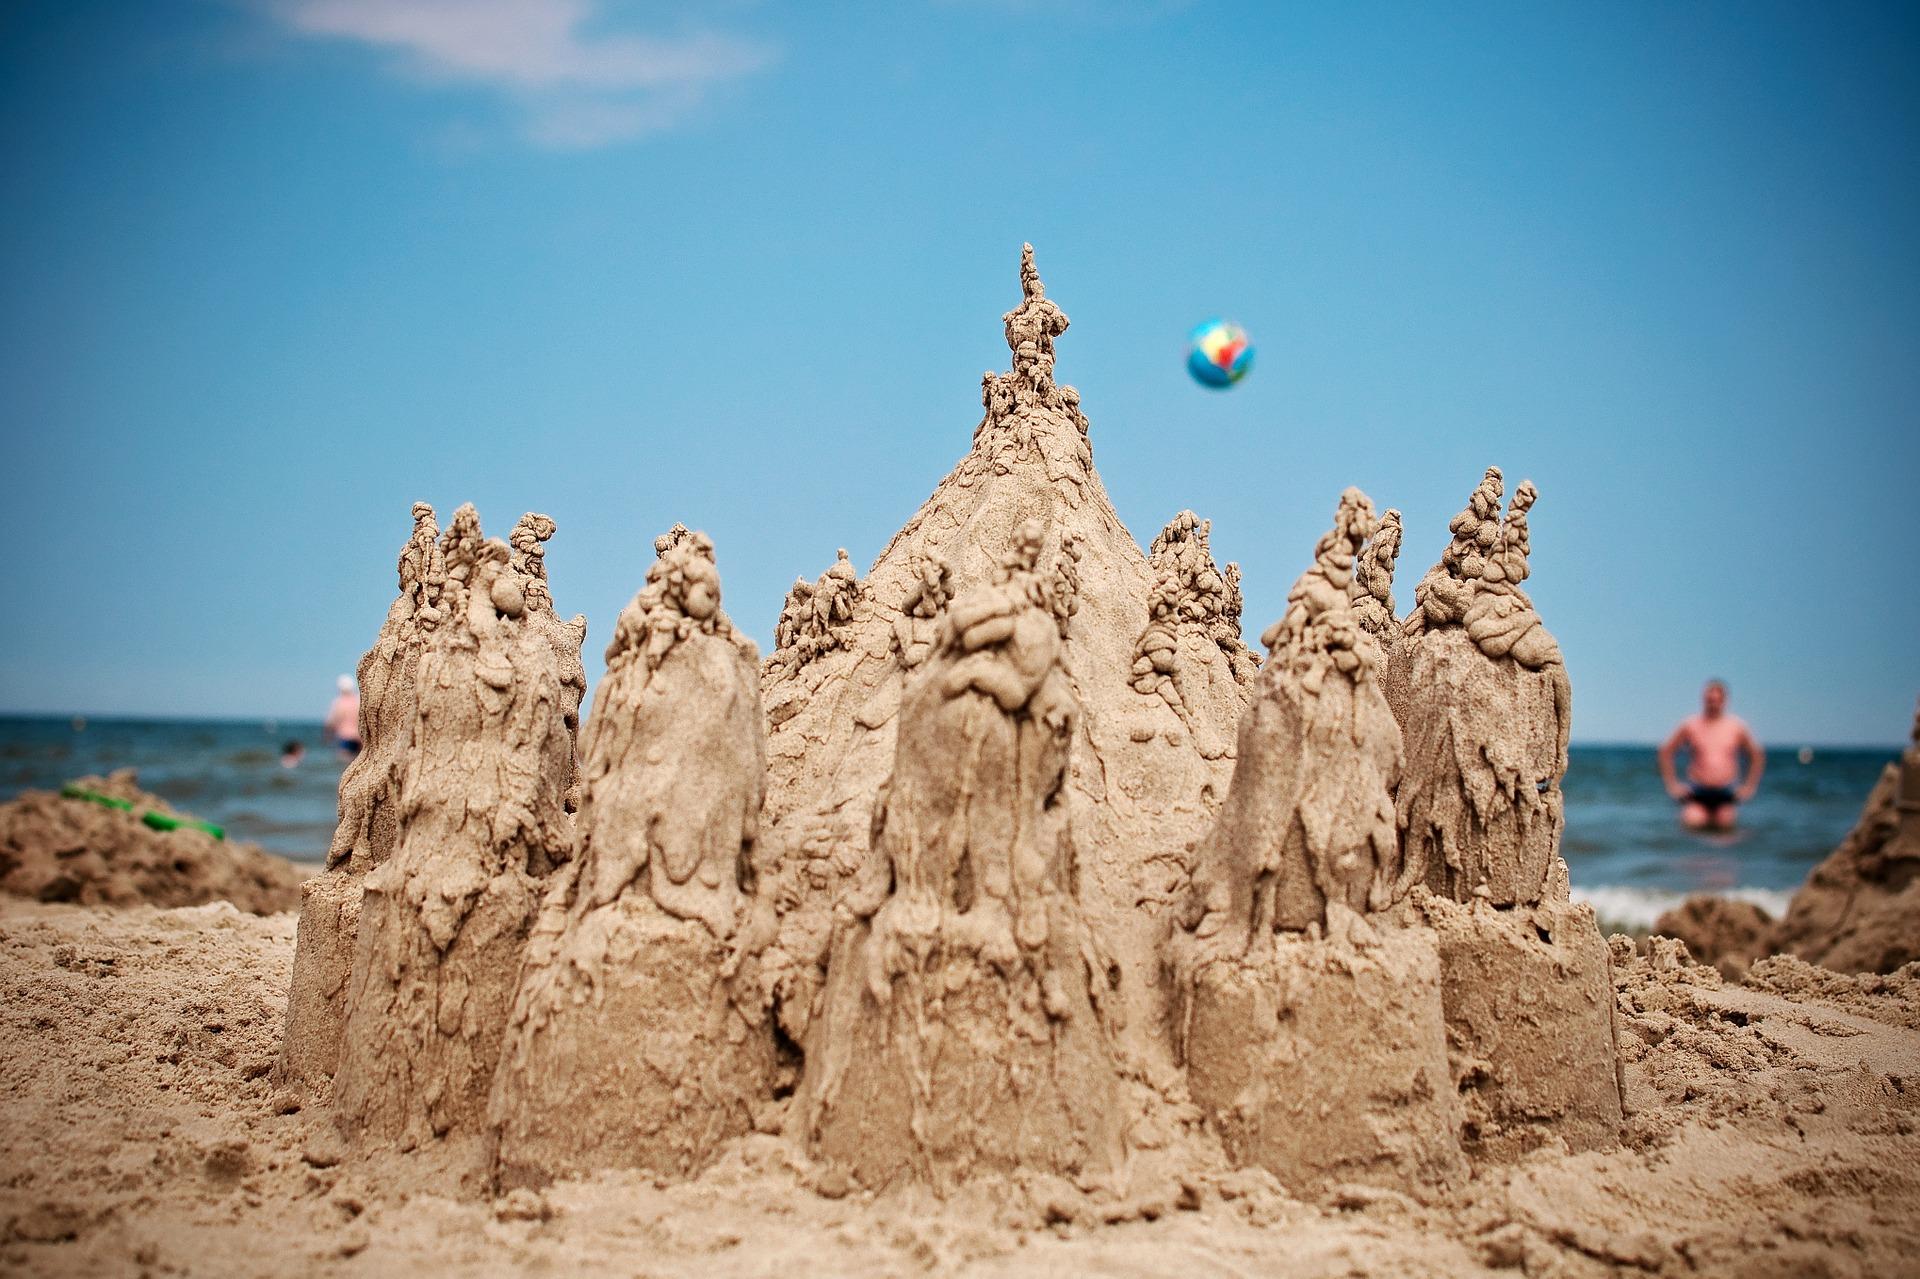 Замок из песка, Пляж, Море, воды, Лето - Обои HD - Профессор falken.com